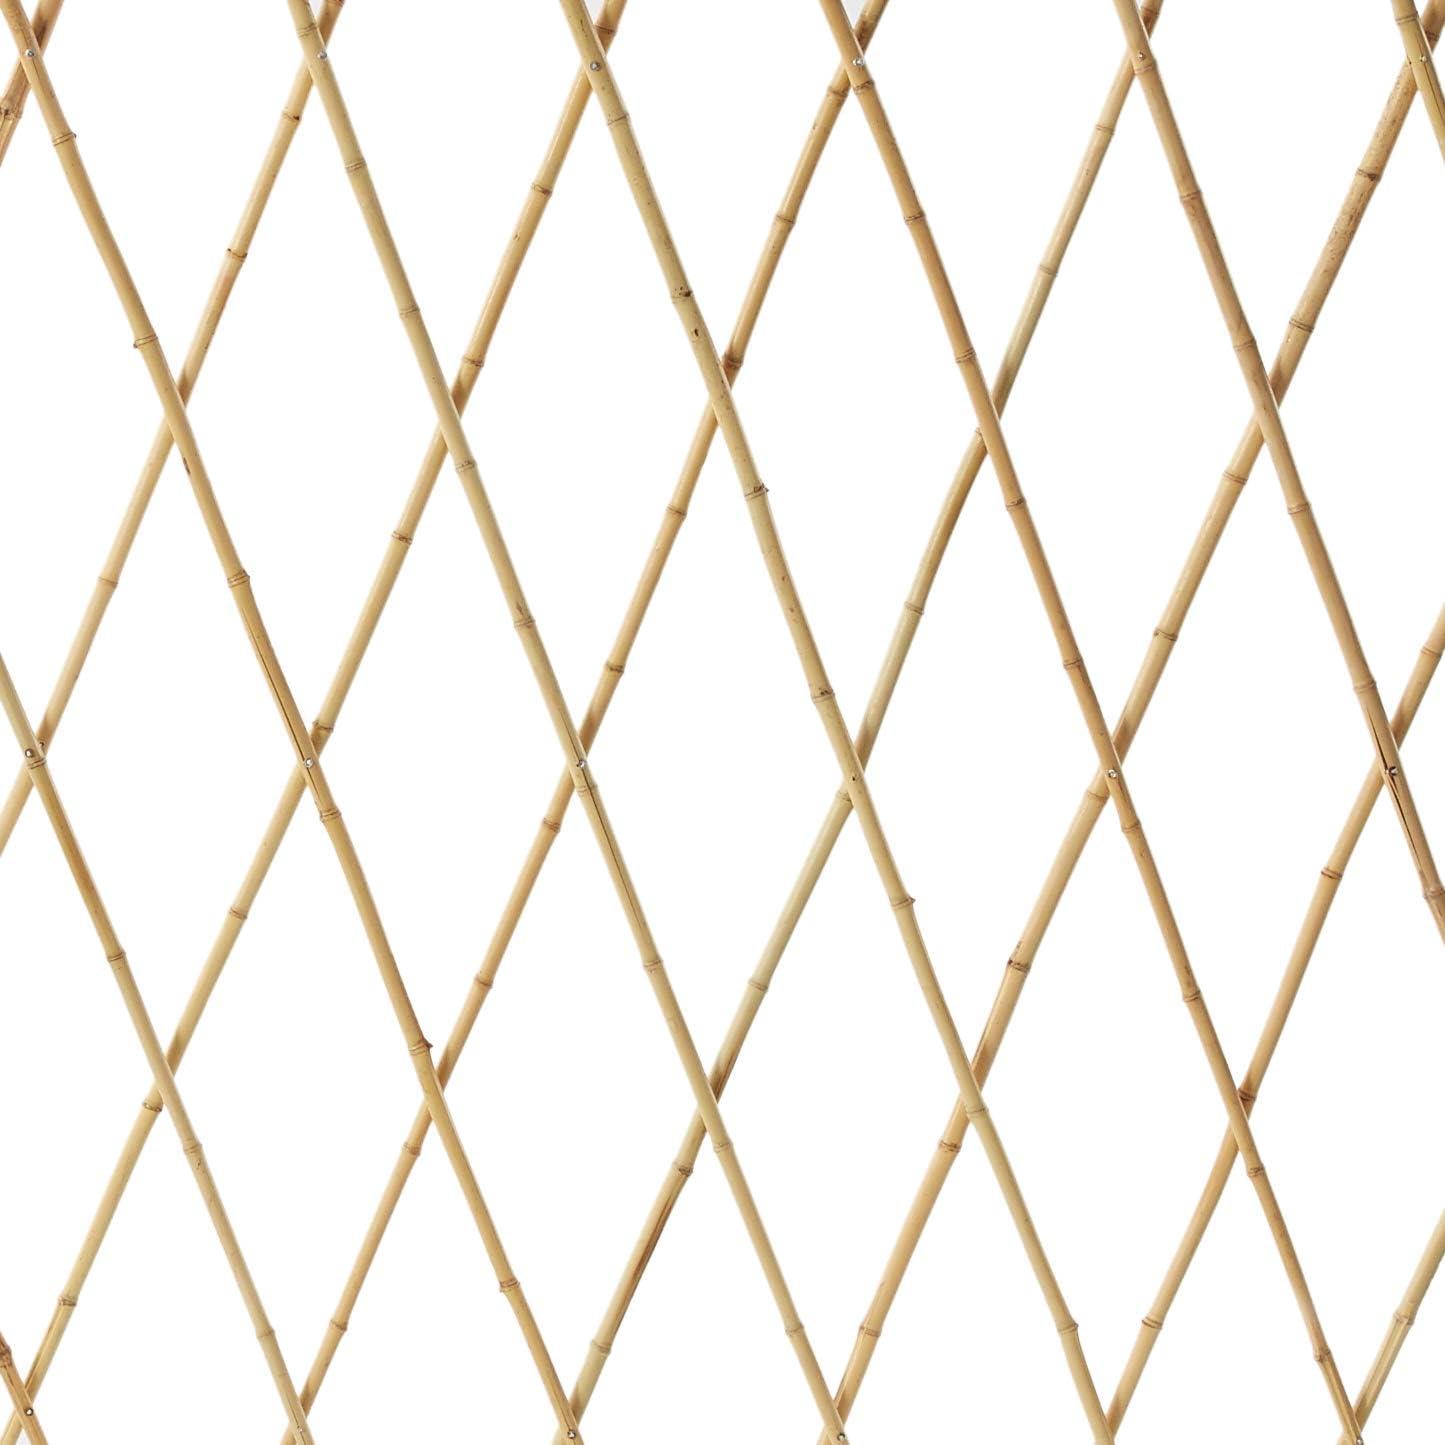 Bosmere L565 enrejado extensible bambú: Amazon.es: Jardín